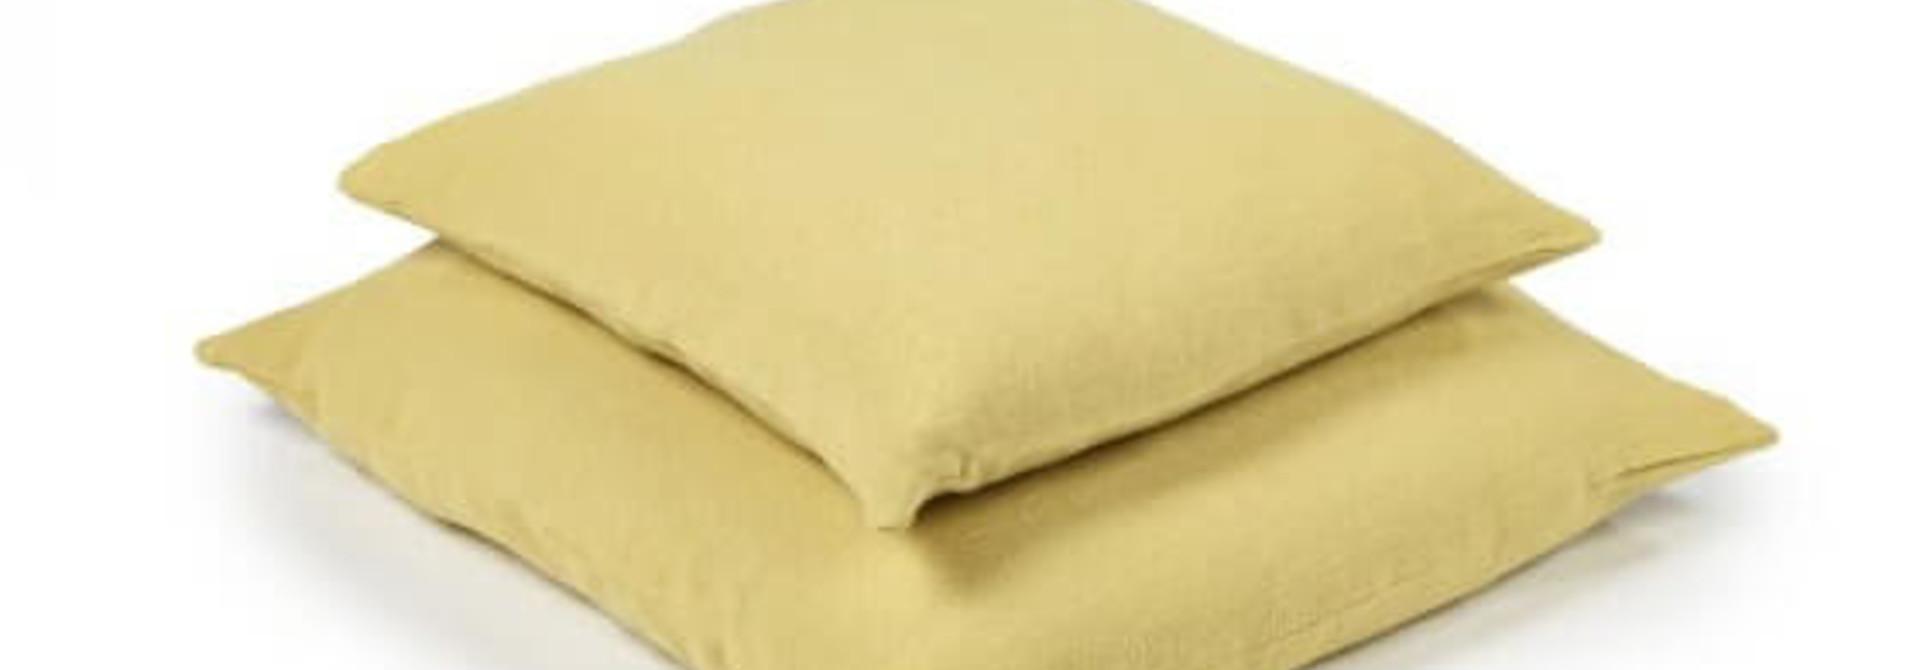 Cushion Cover - Hudson - Lge - Dijon